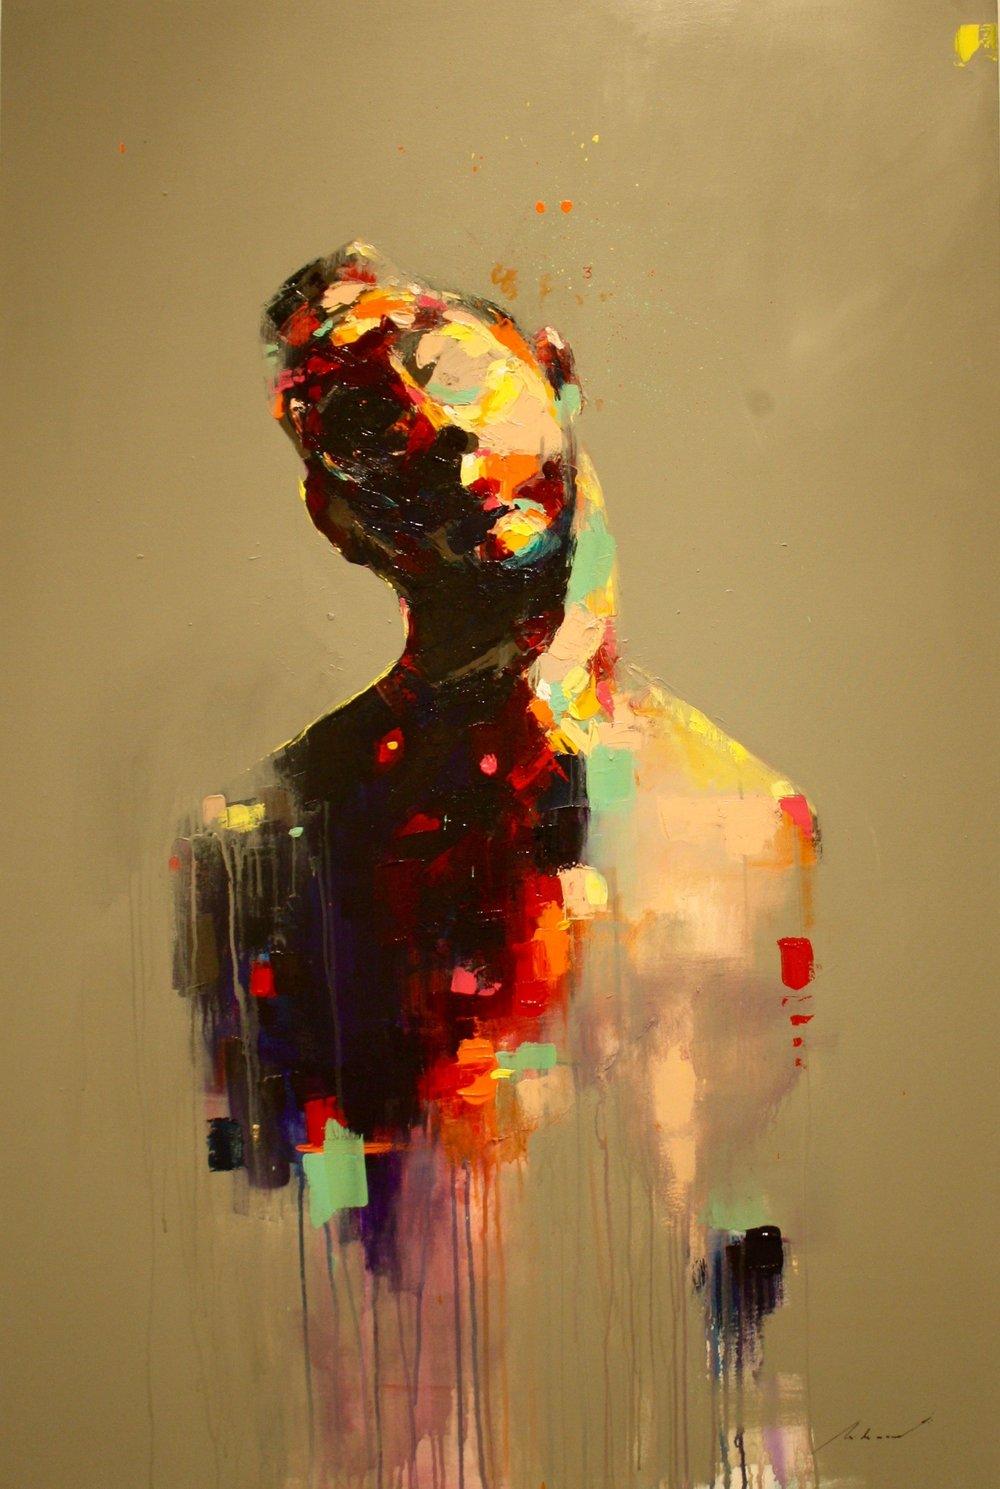 O Artista, 2018 | Acrilica sobre tela |90 x 140 cm | R$ 7,560